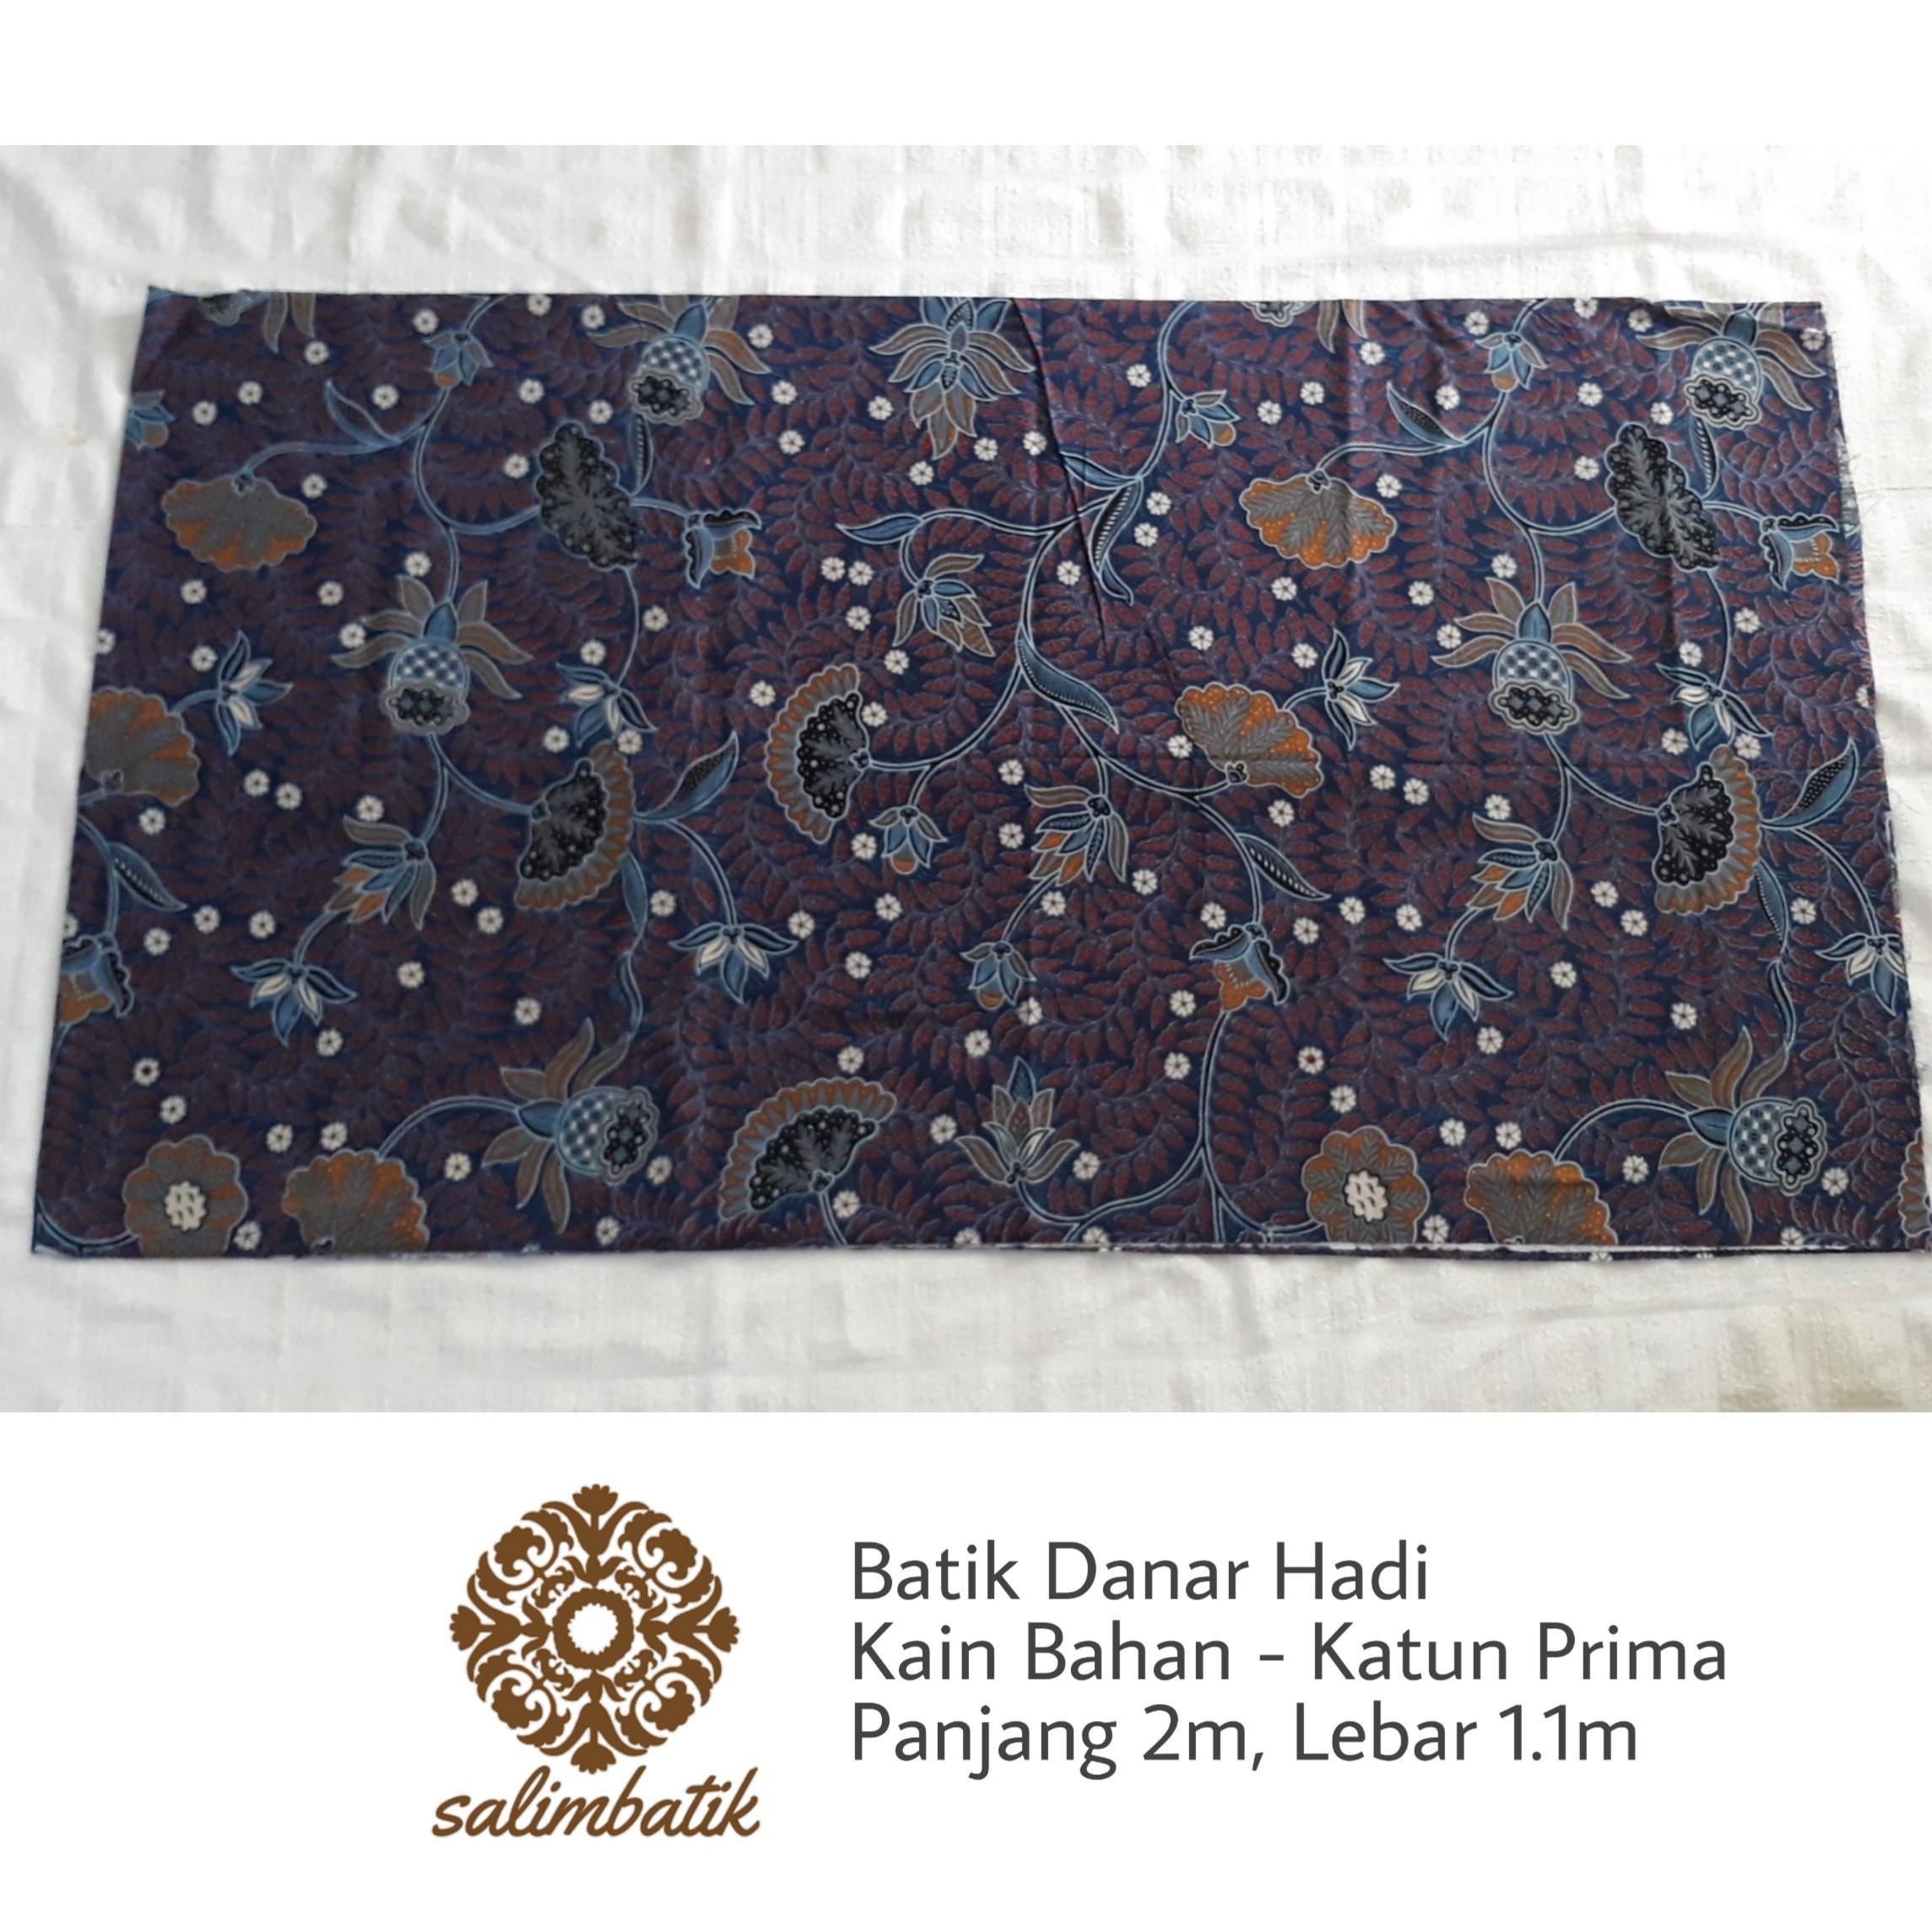 Kain Bahan Batik Danar Hadi Original Motif 1301